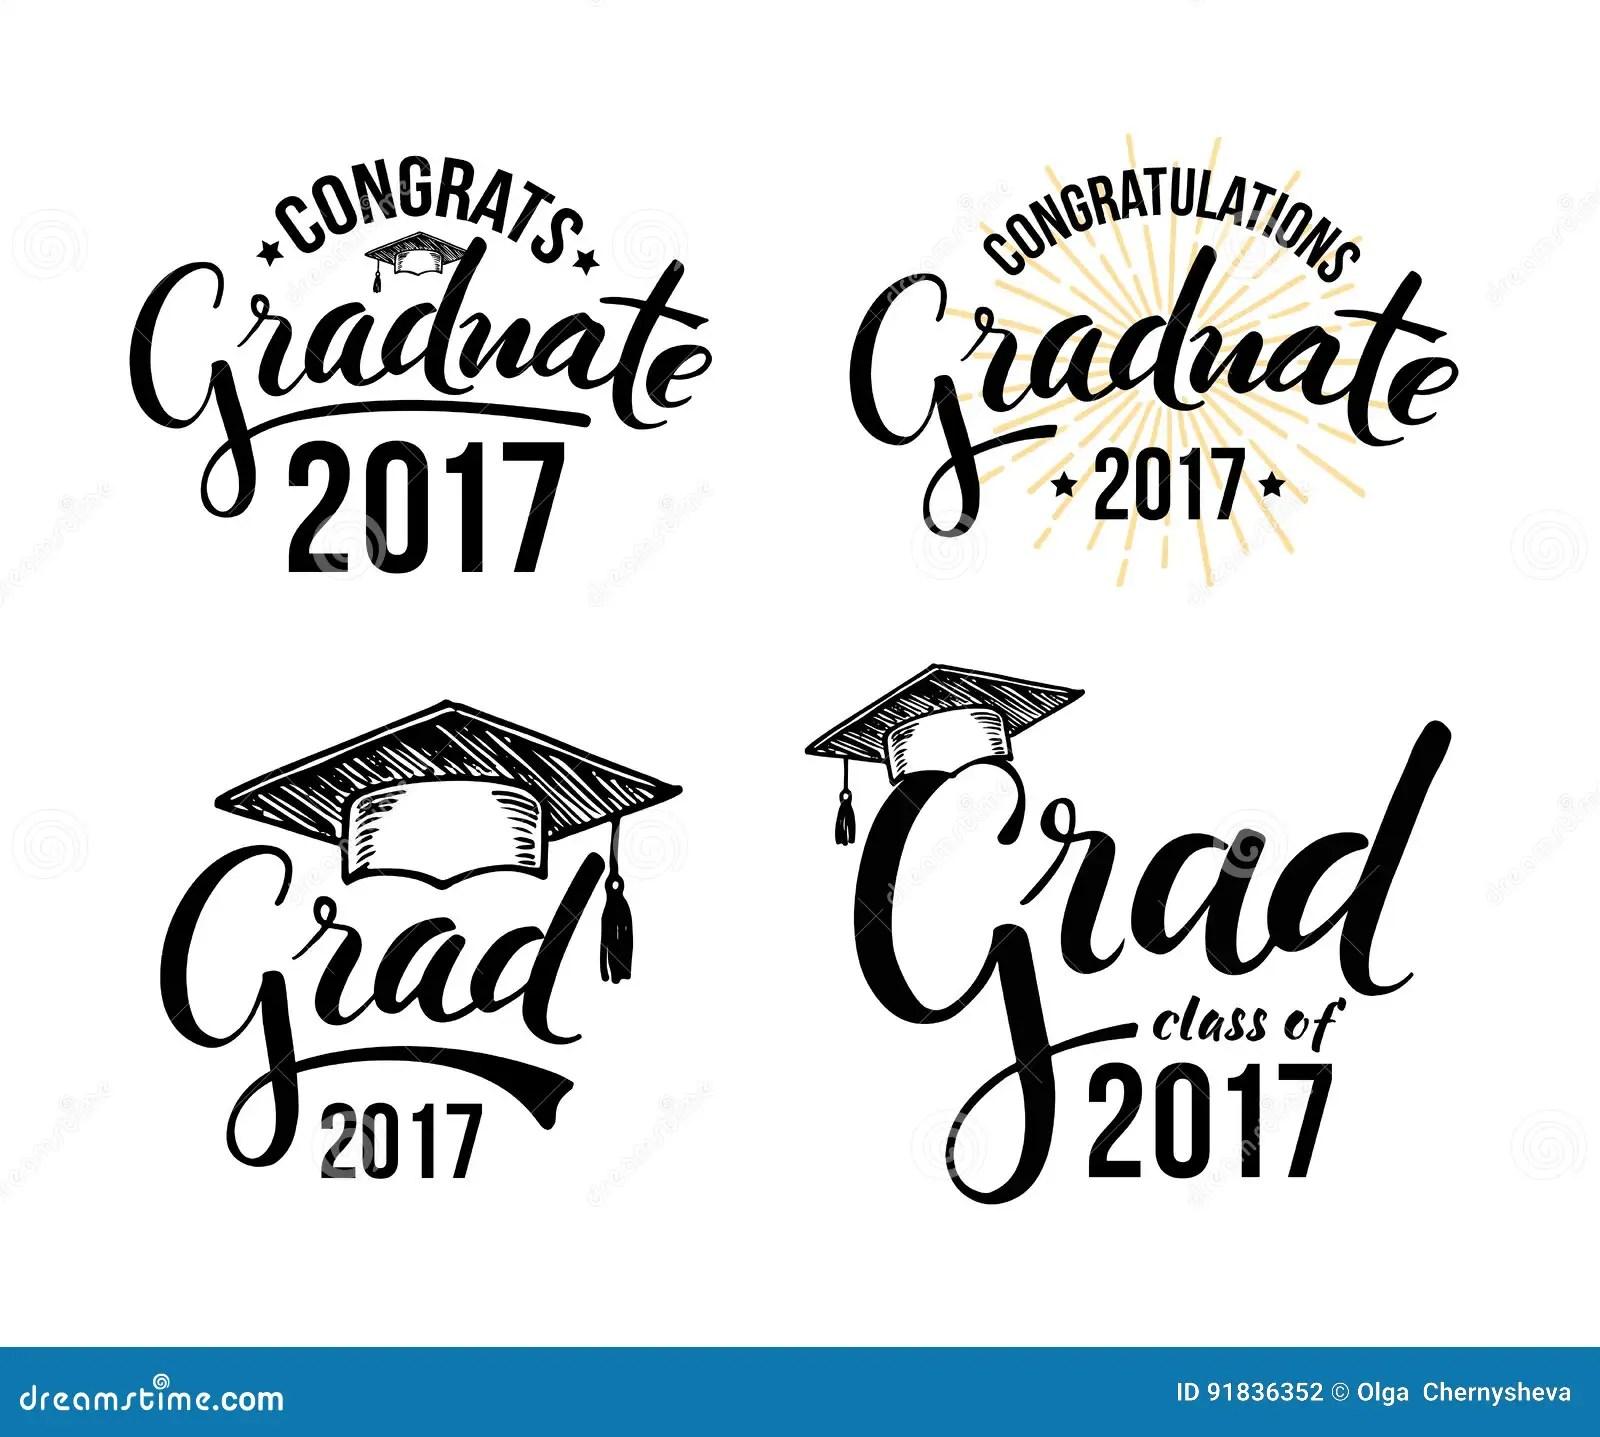 祝贺毕业生2017年 向量例证. 插画 包括有 毕业生, 要素, 查出, 荣誉称号, 说明, congrats